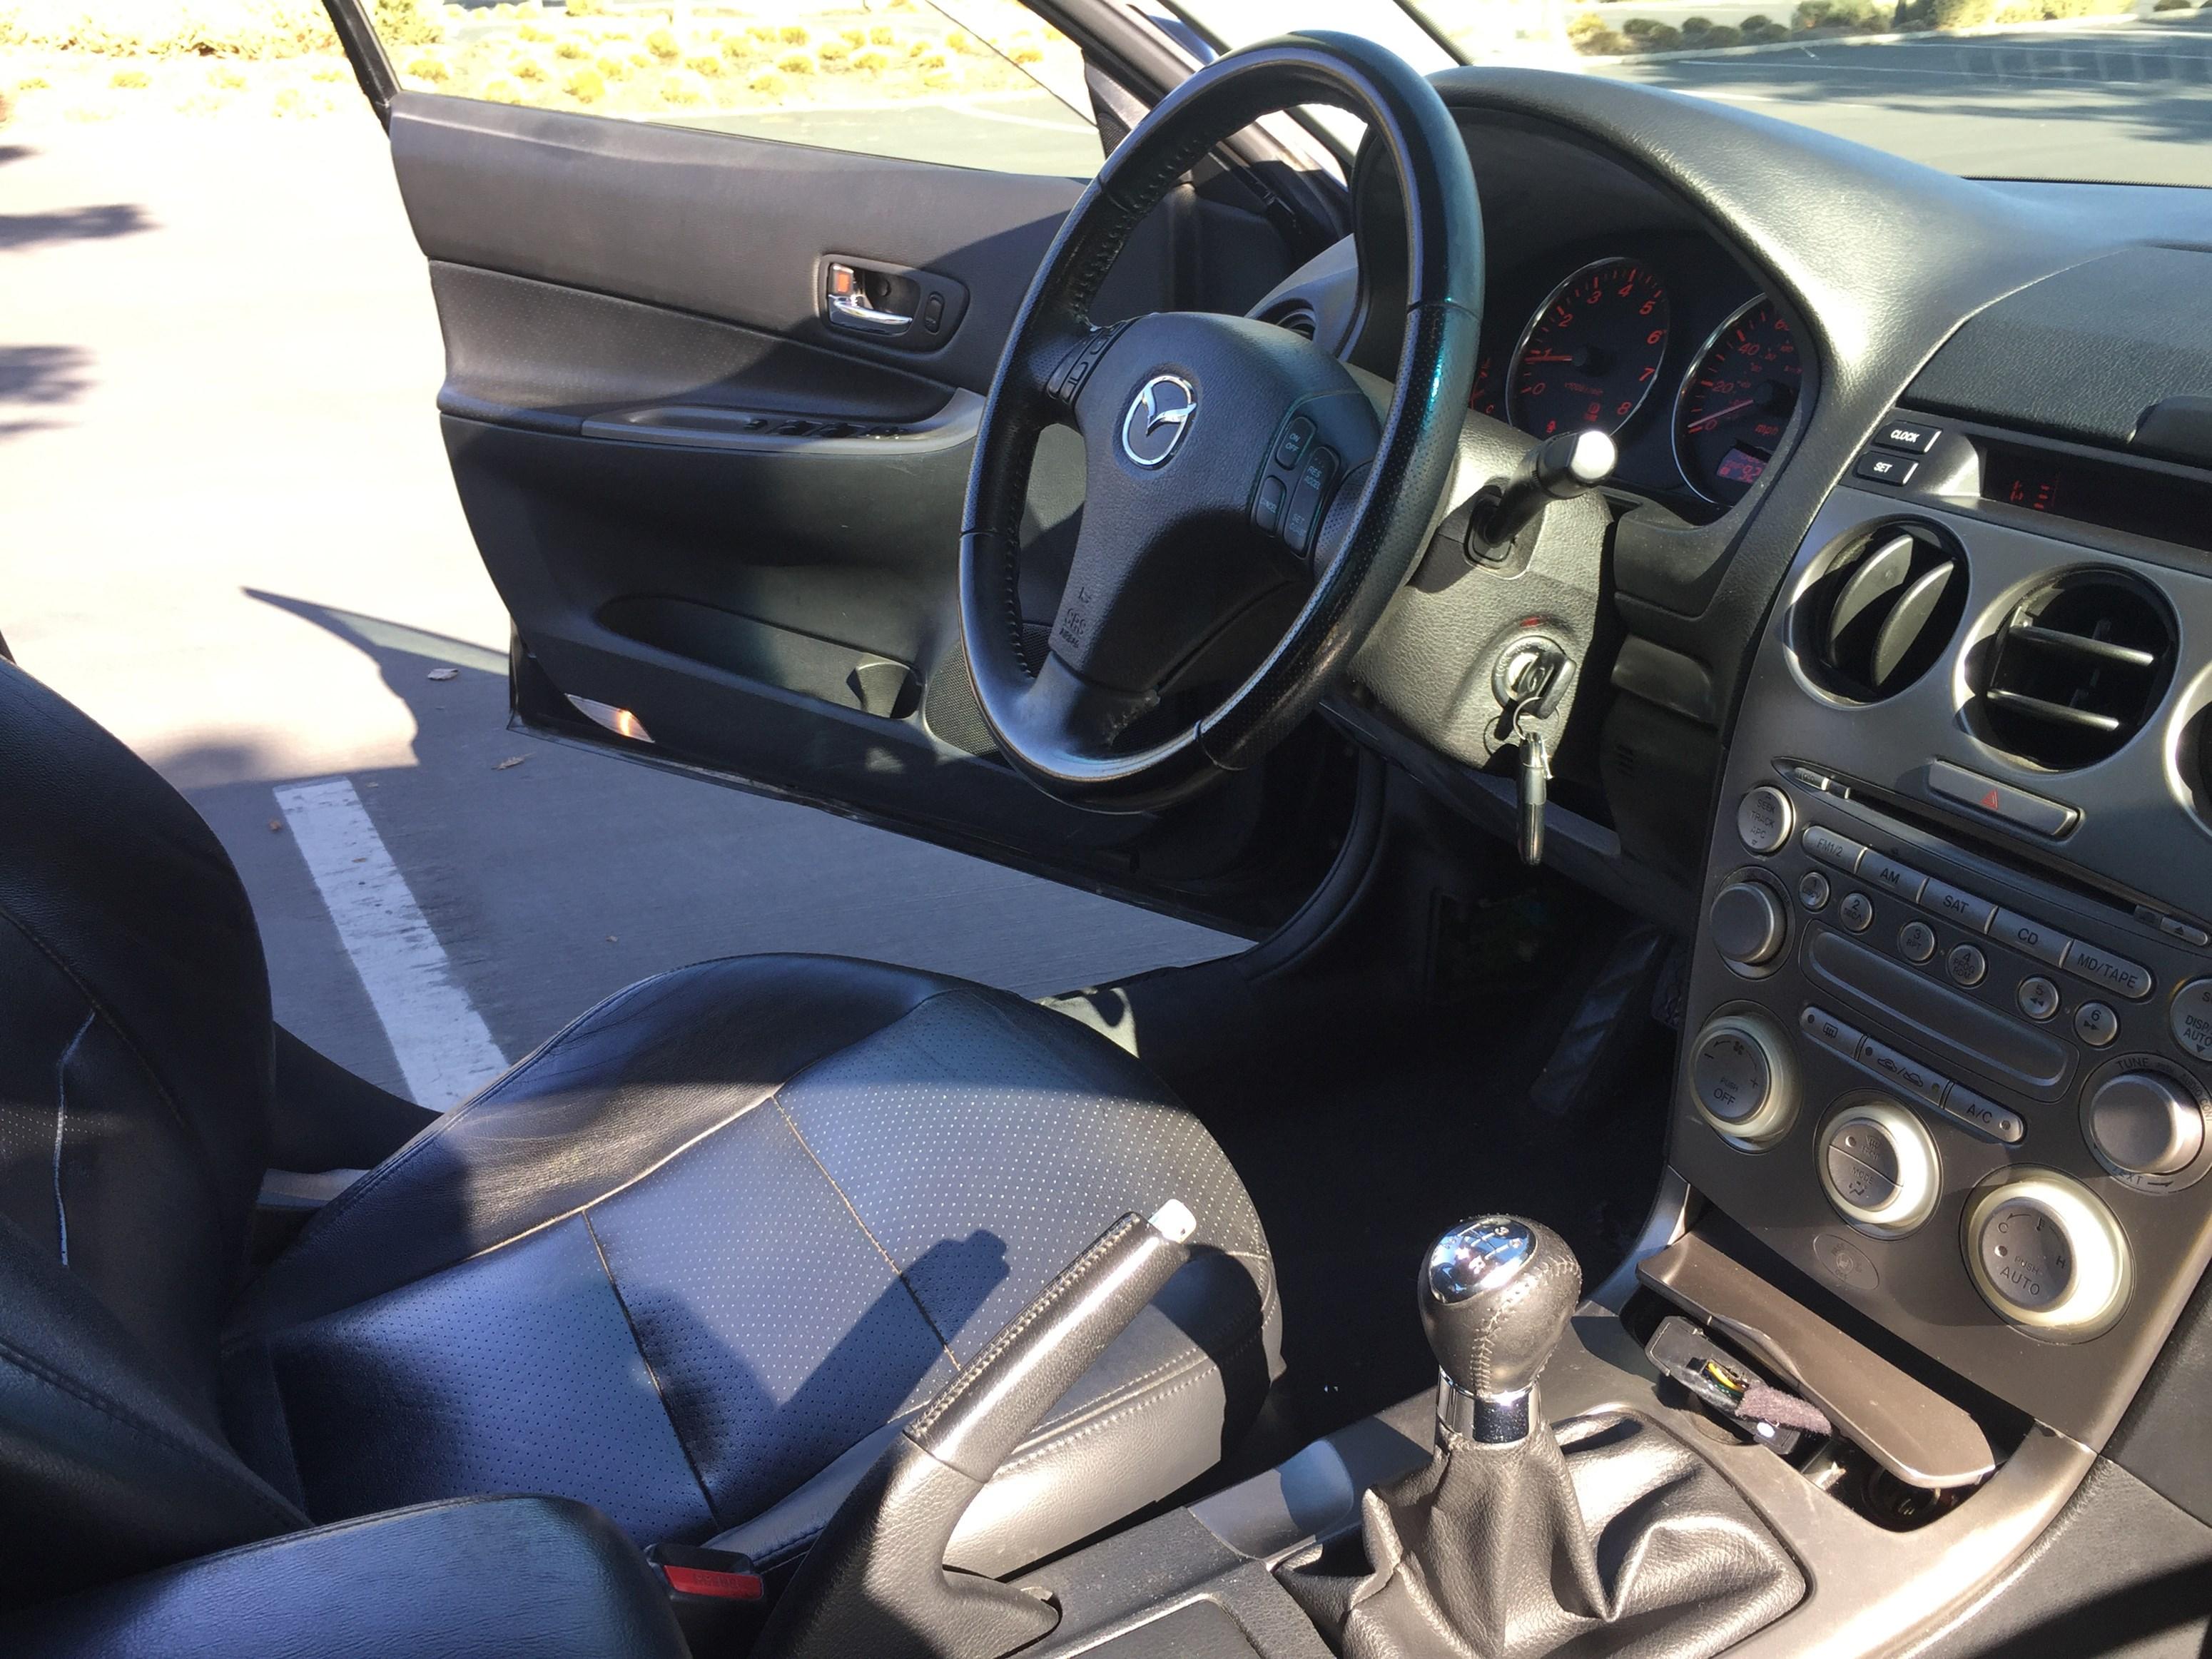 2005 mazda6 sport 3 0l v6 manual transmission used mazda mazda6 rh cars sulekha com 2005 Mazda 5 2005 Mazda 6 Starter Wire